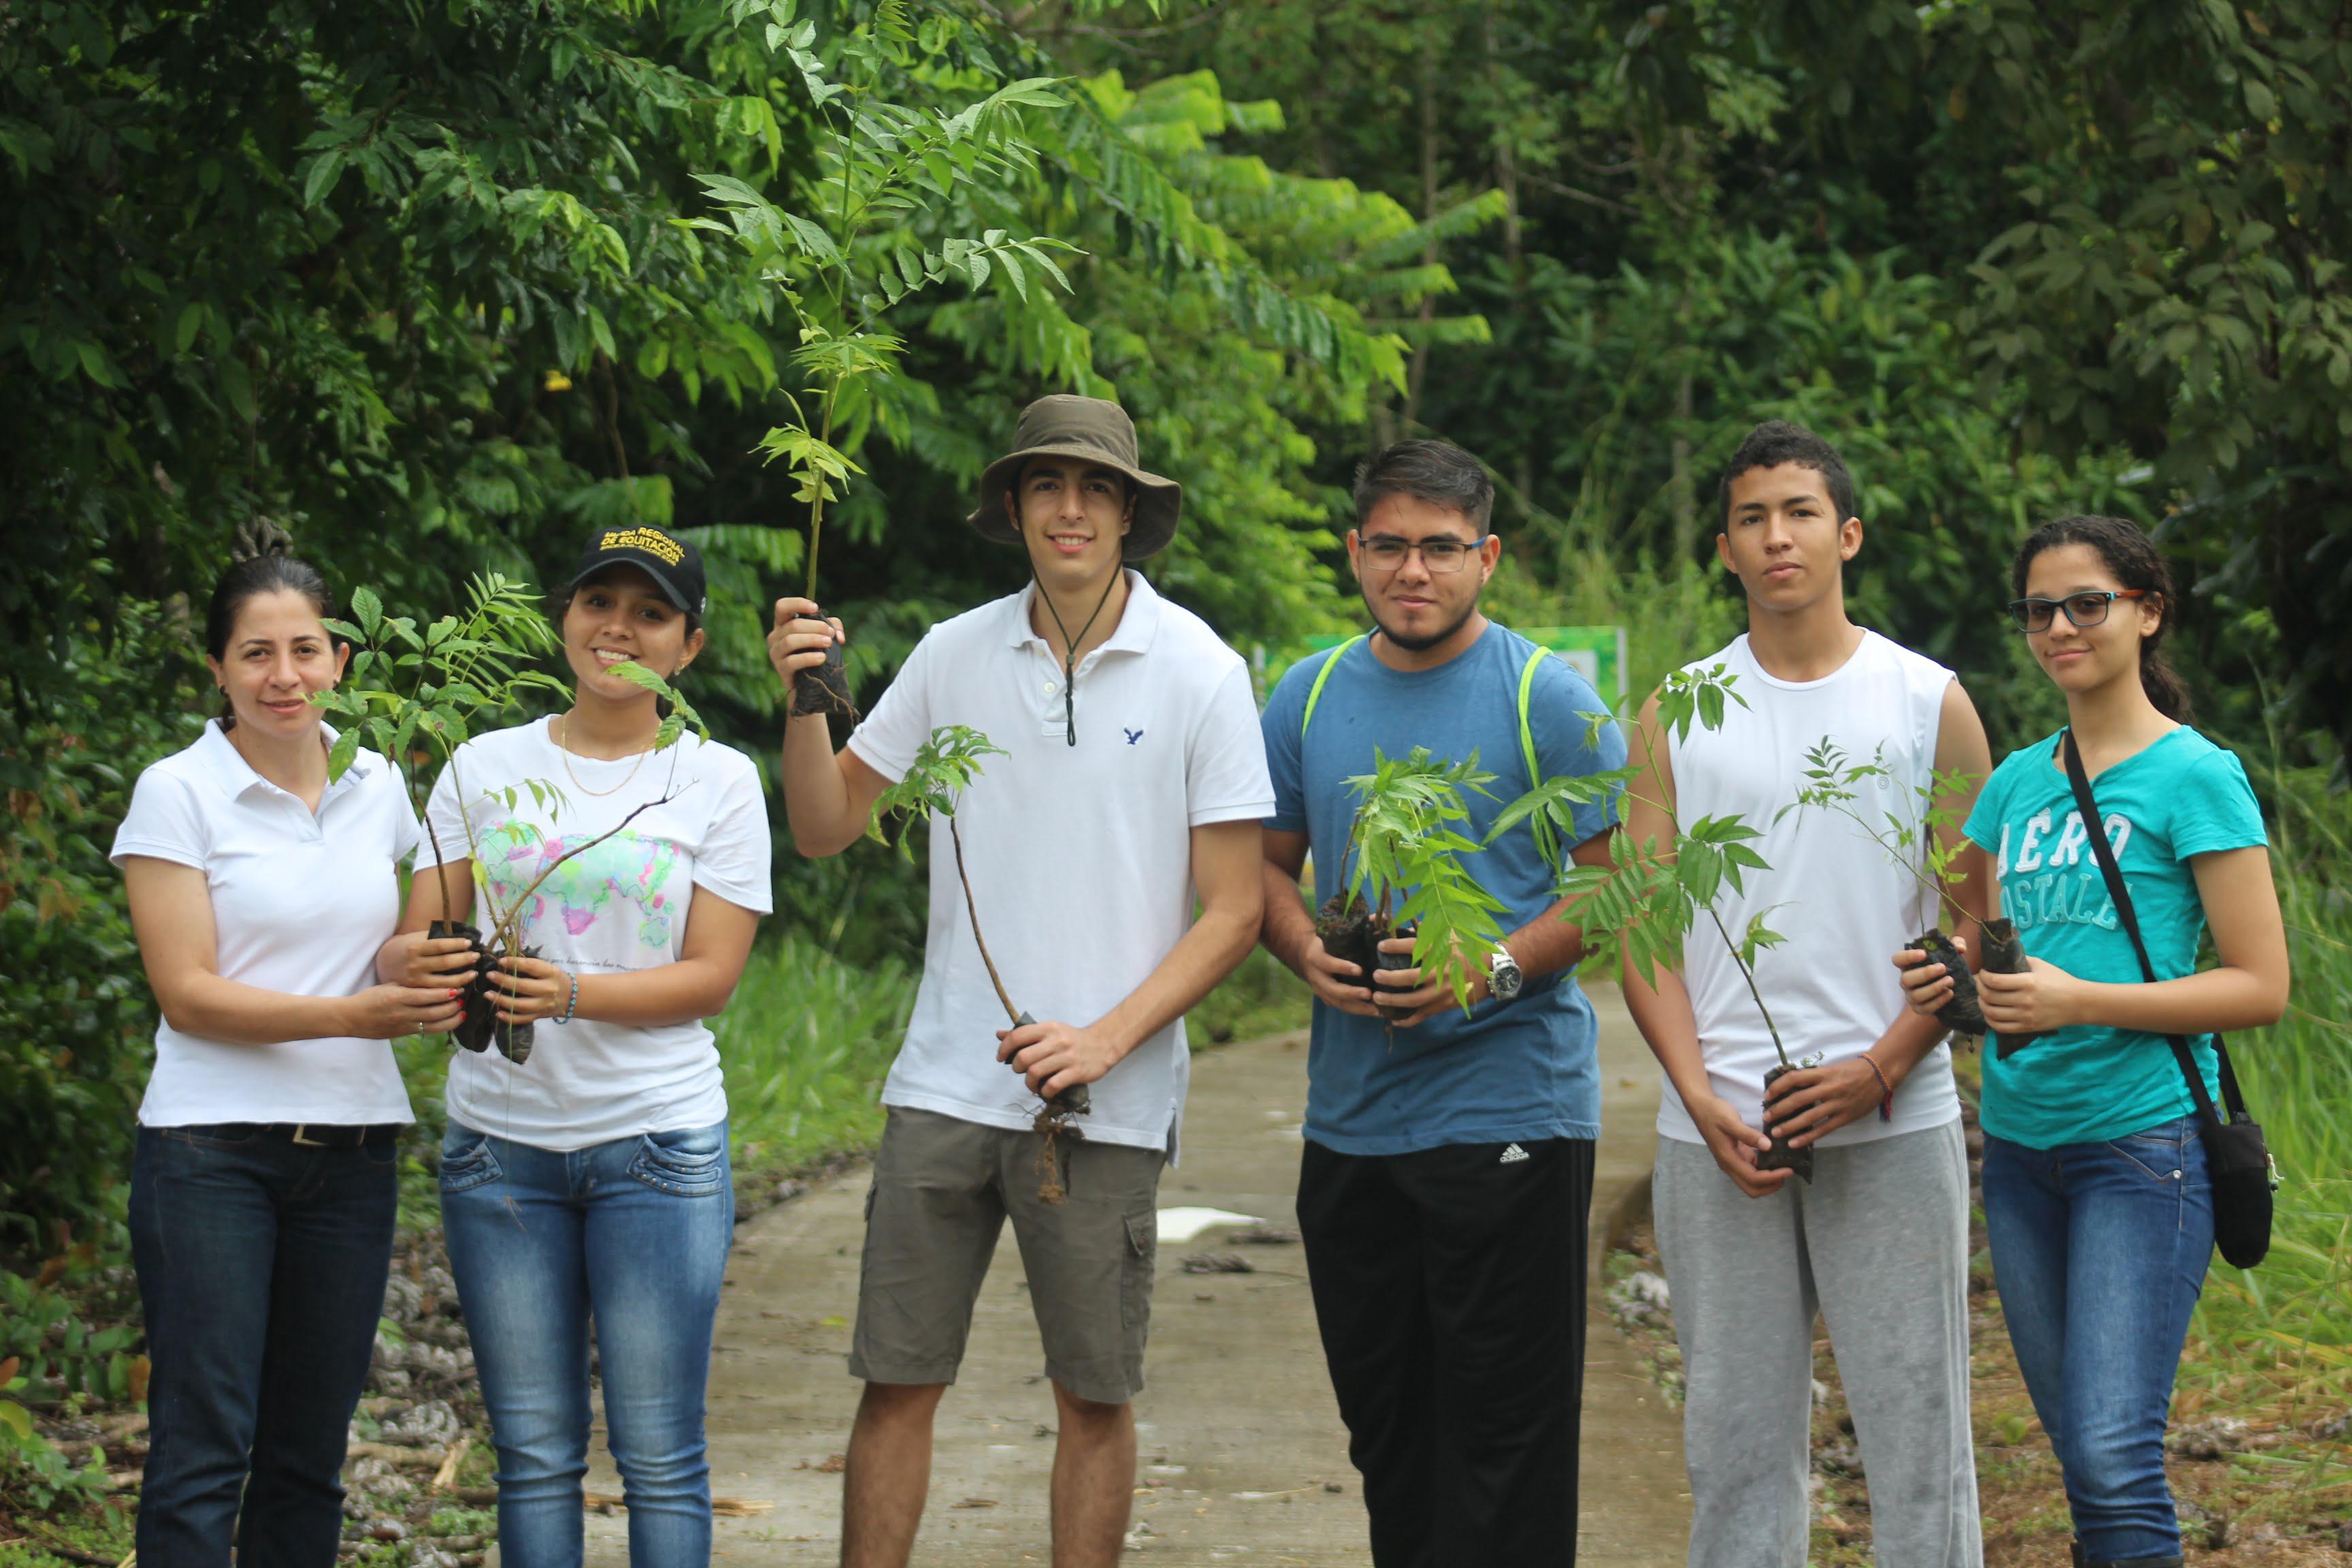 Estudiantes de la FEM siembran 400 árboles y dejan su huella ambiental